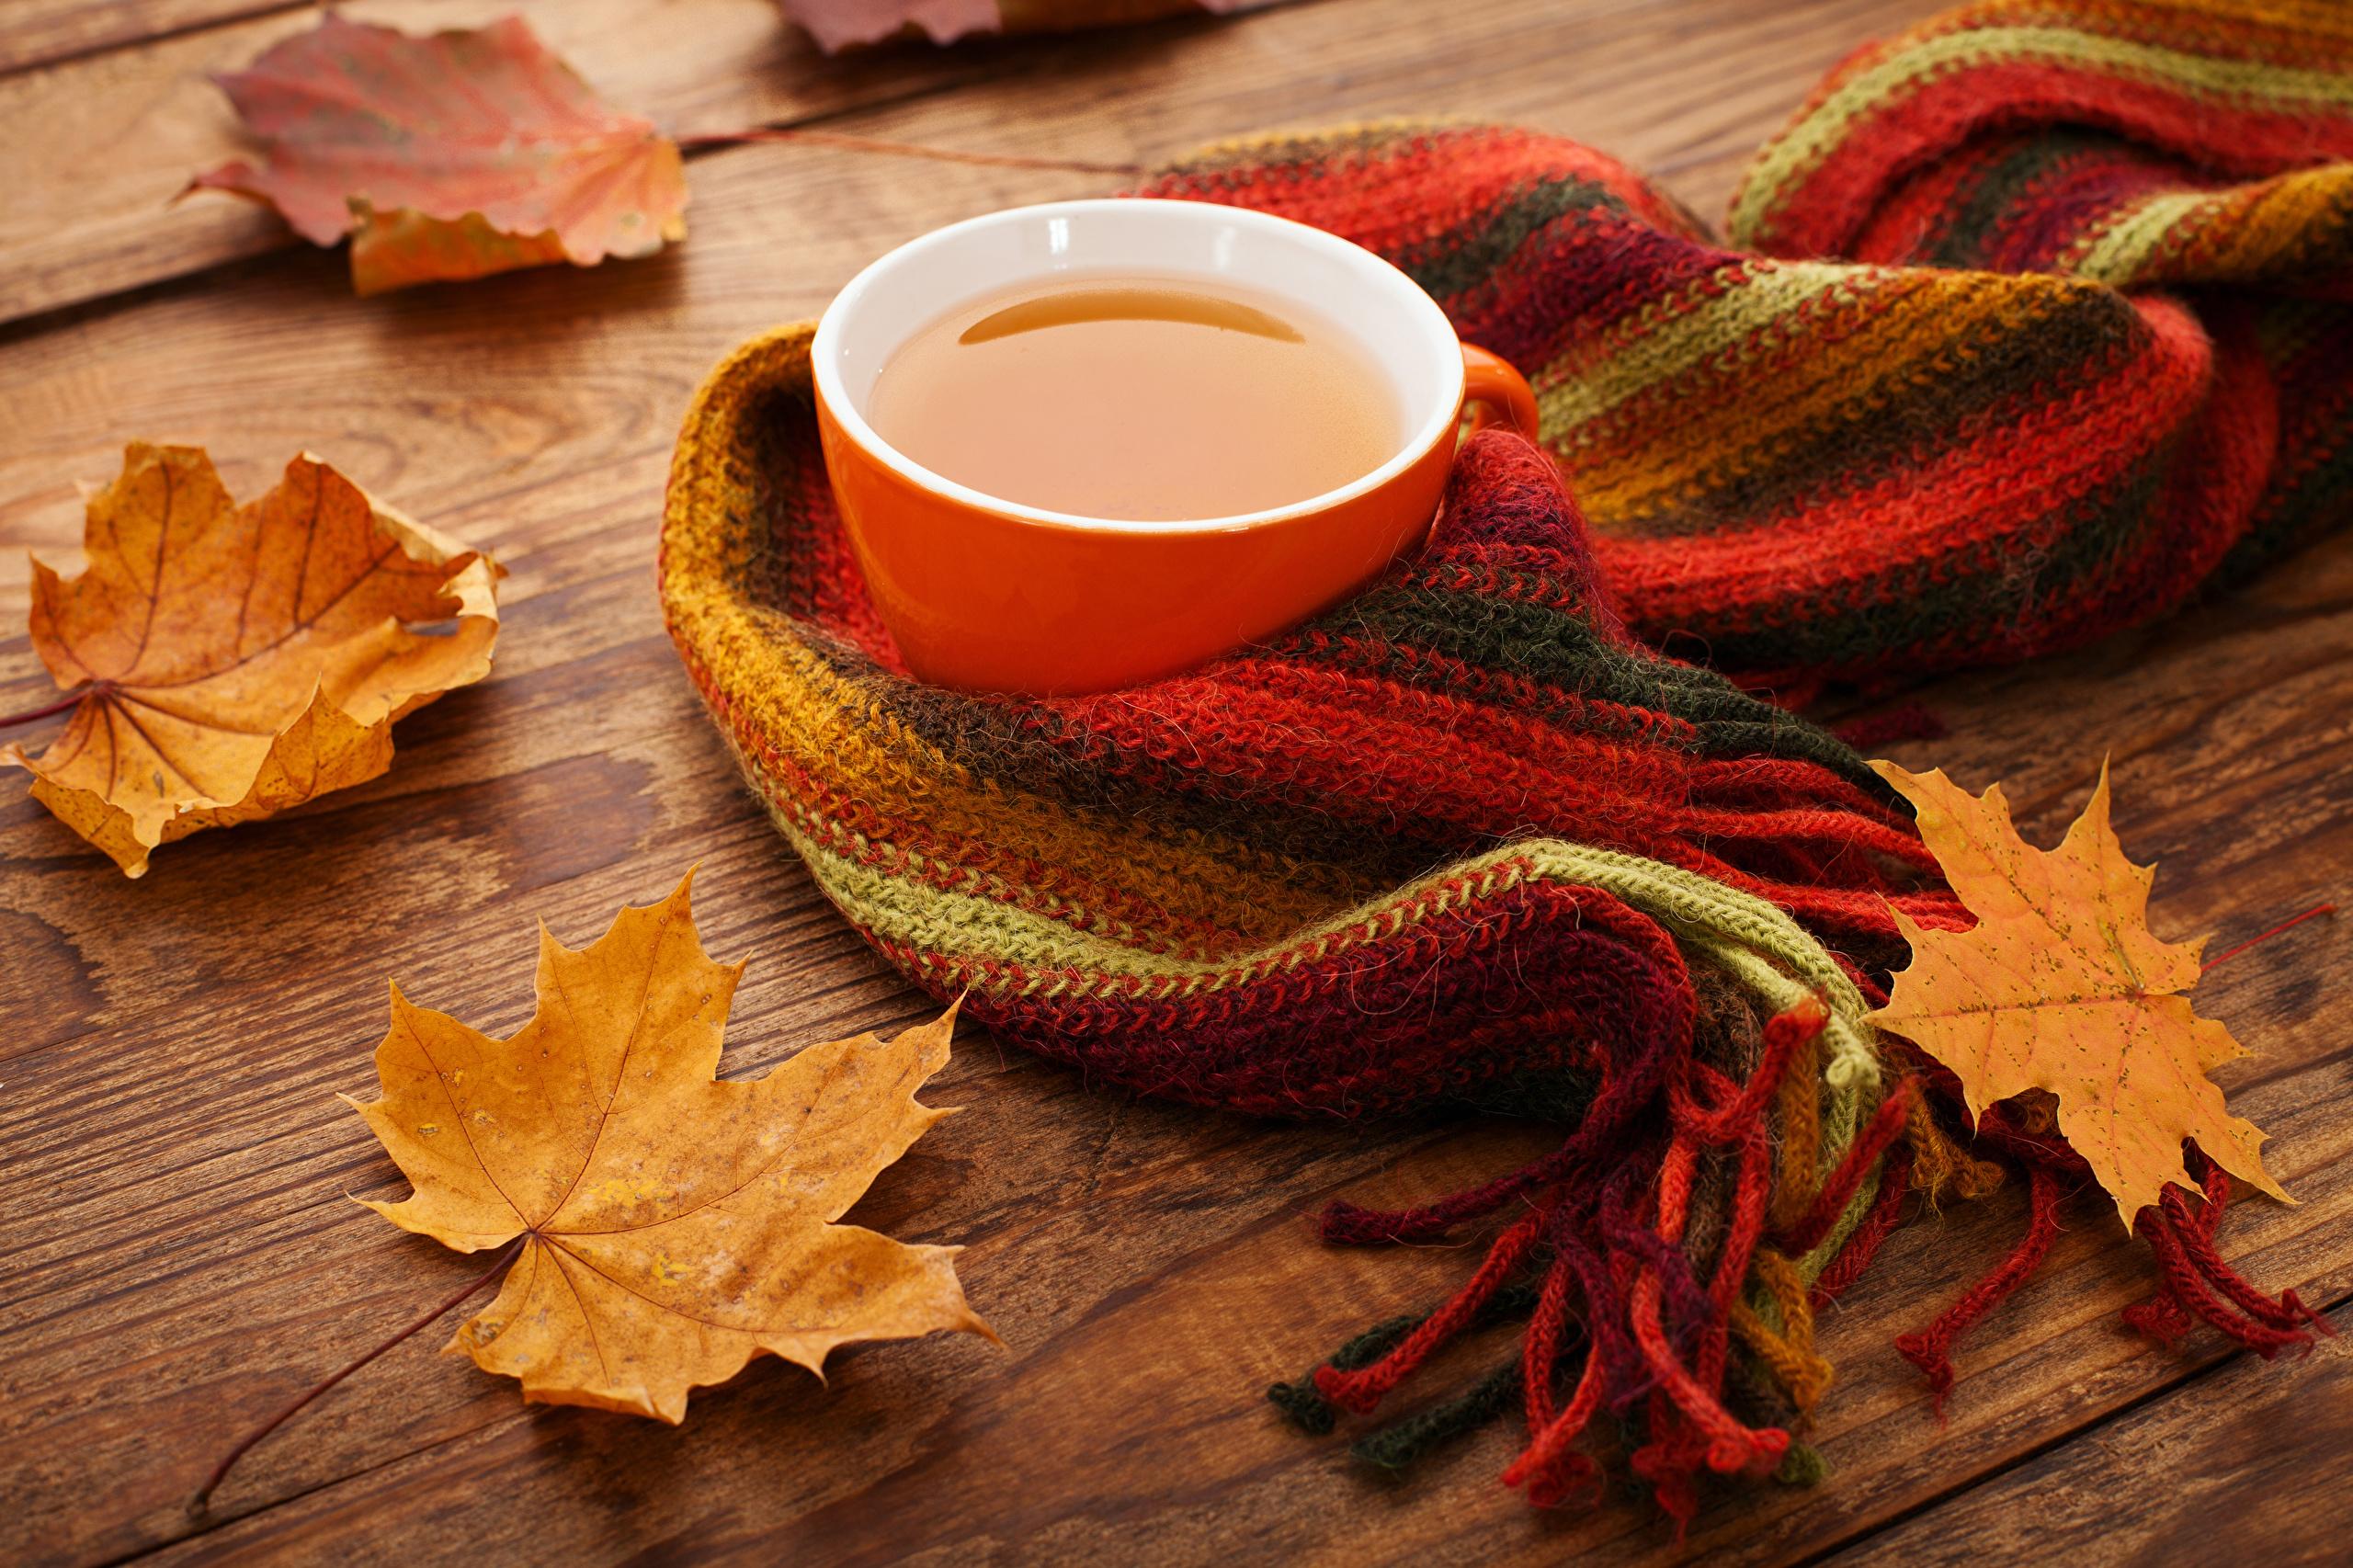 обои на рабочий стол тепло уют горячий чай № 246962 загрузить